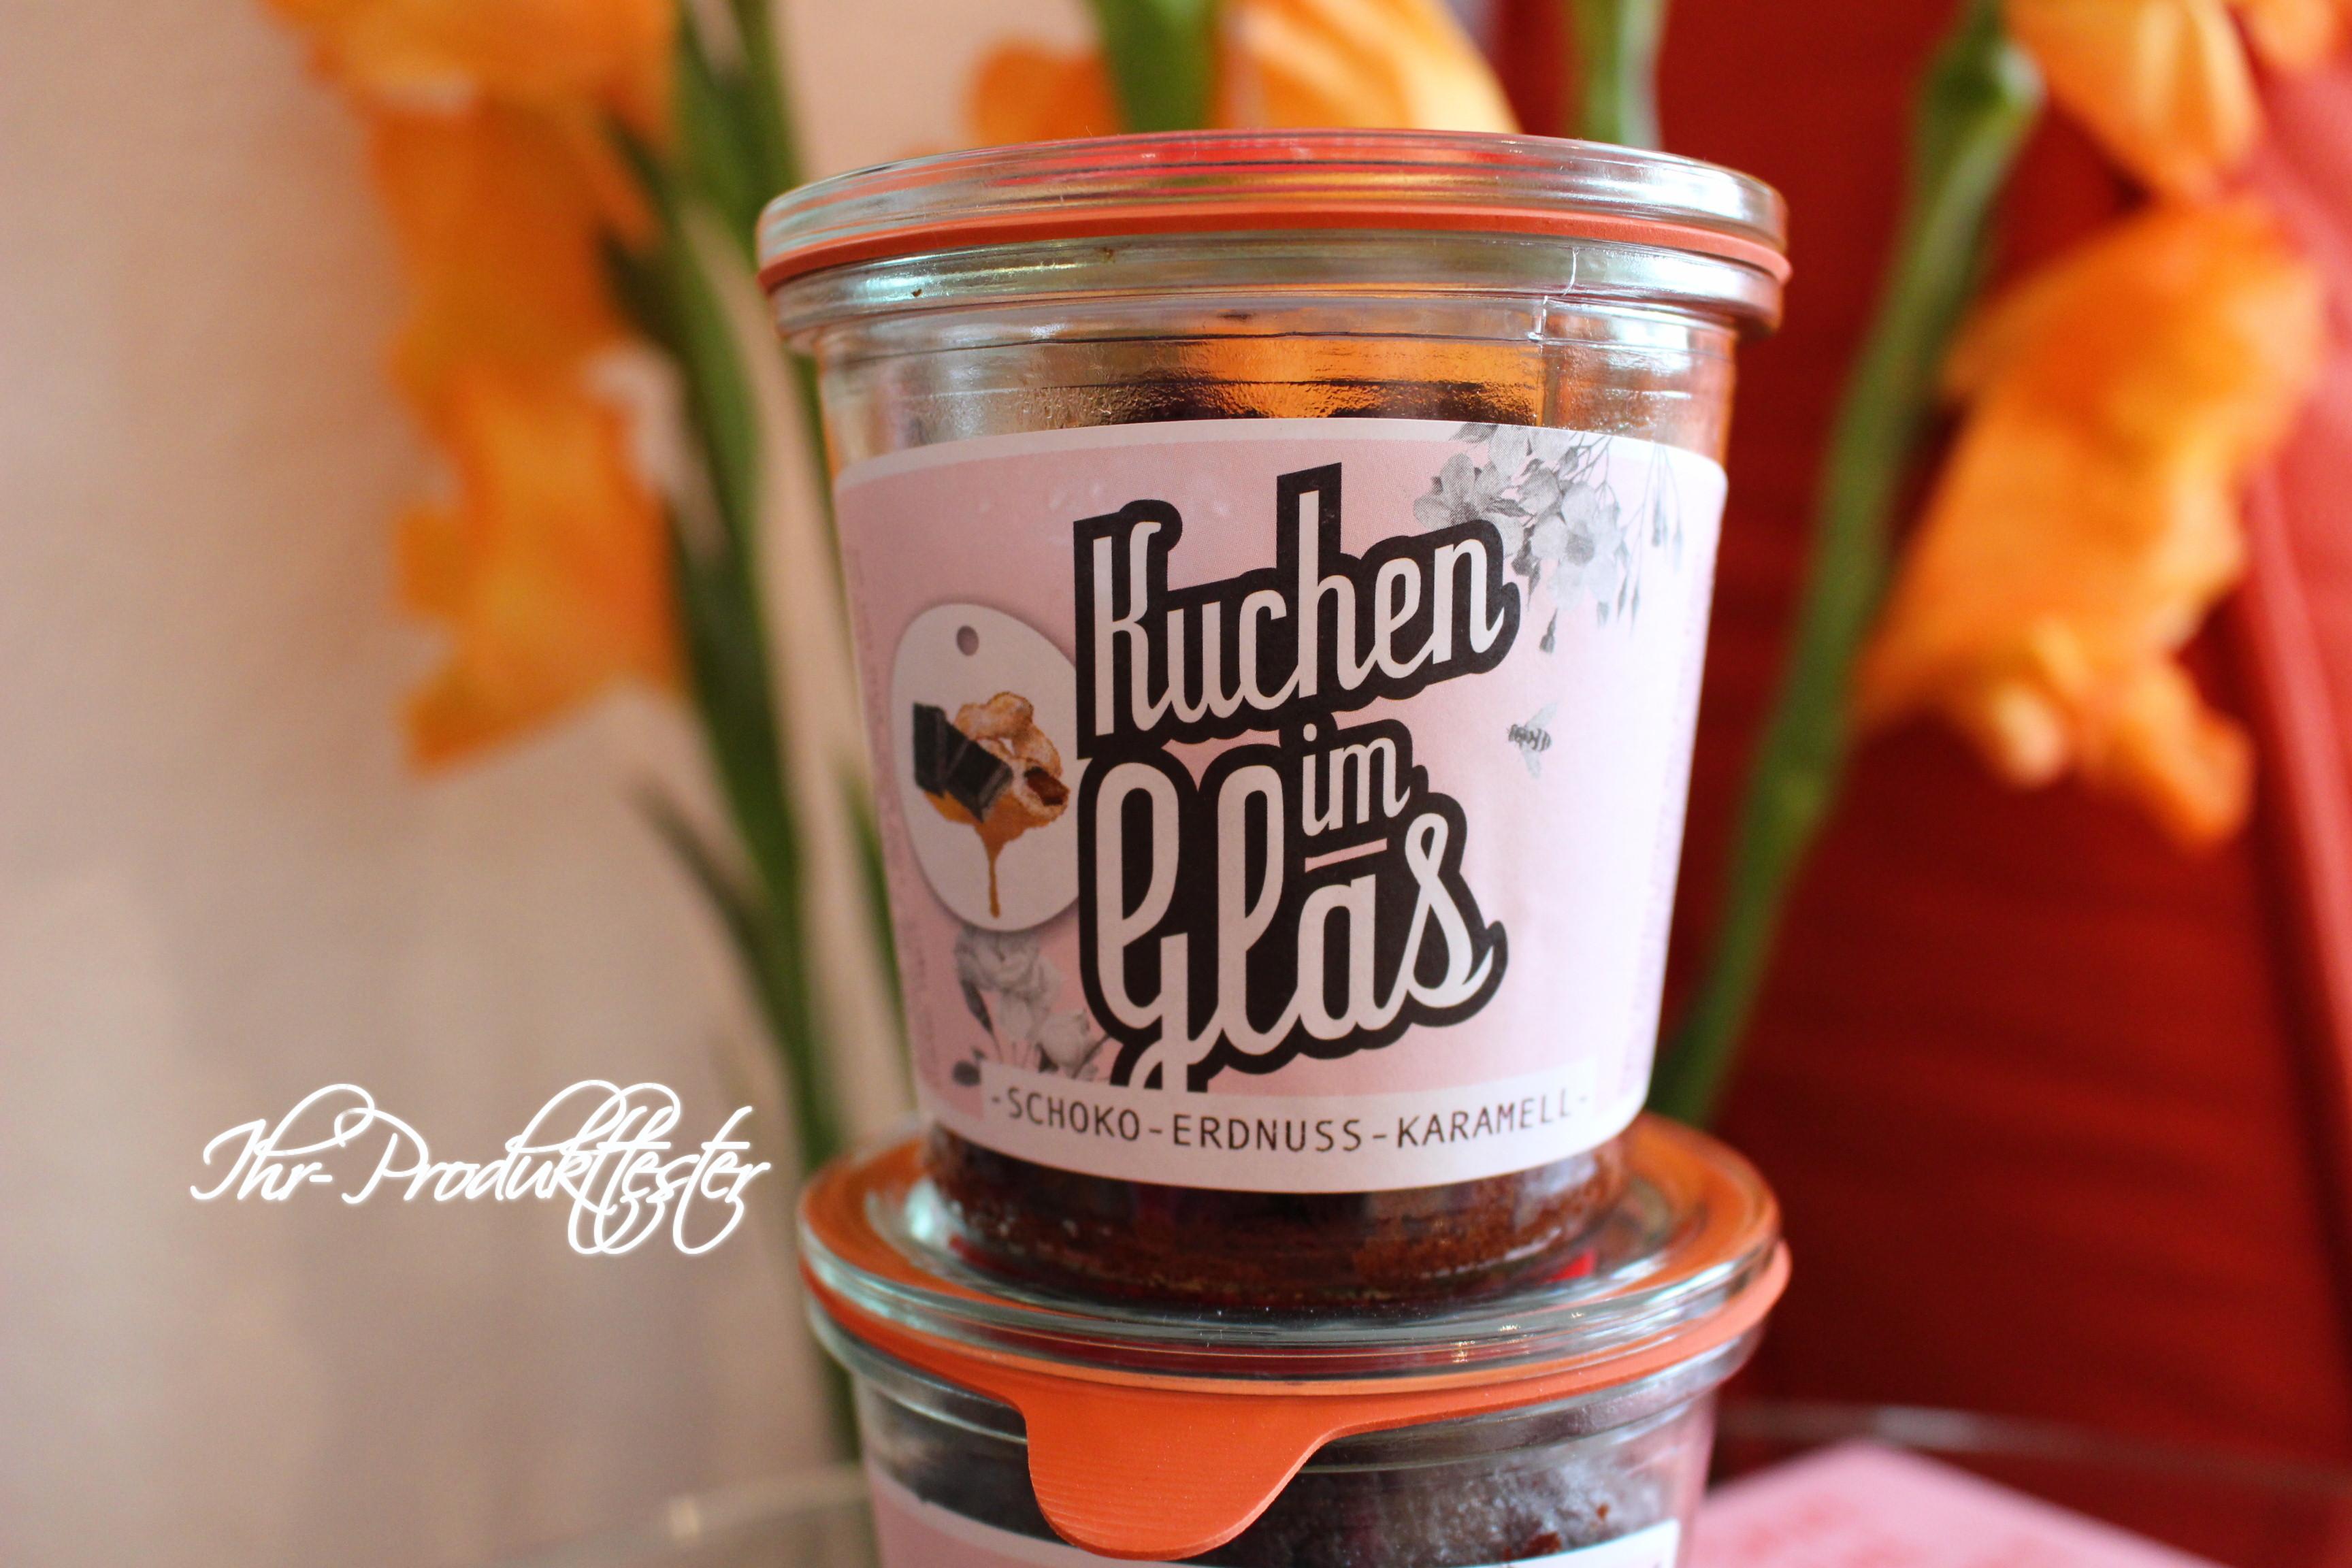 Kuchen im glas die vegane geschenkidee orange diamond - Kuchen wandpaneel glas ...